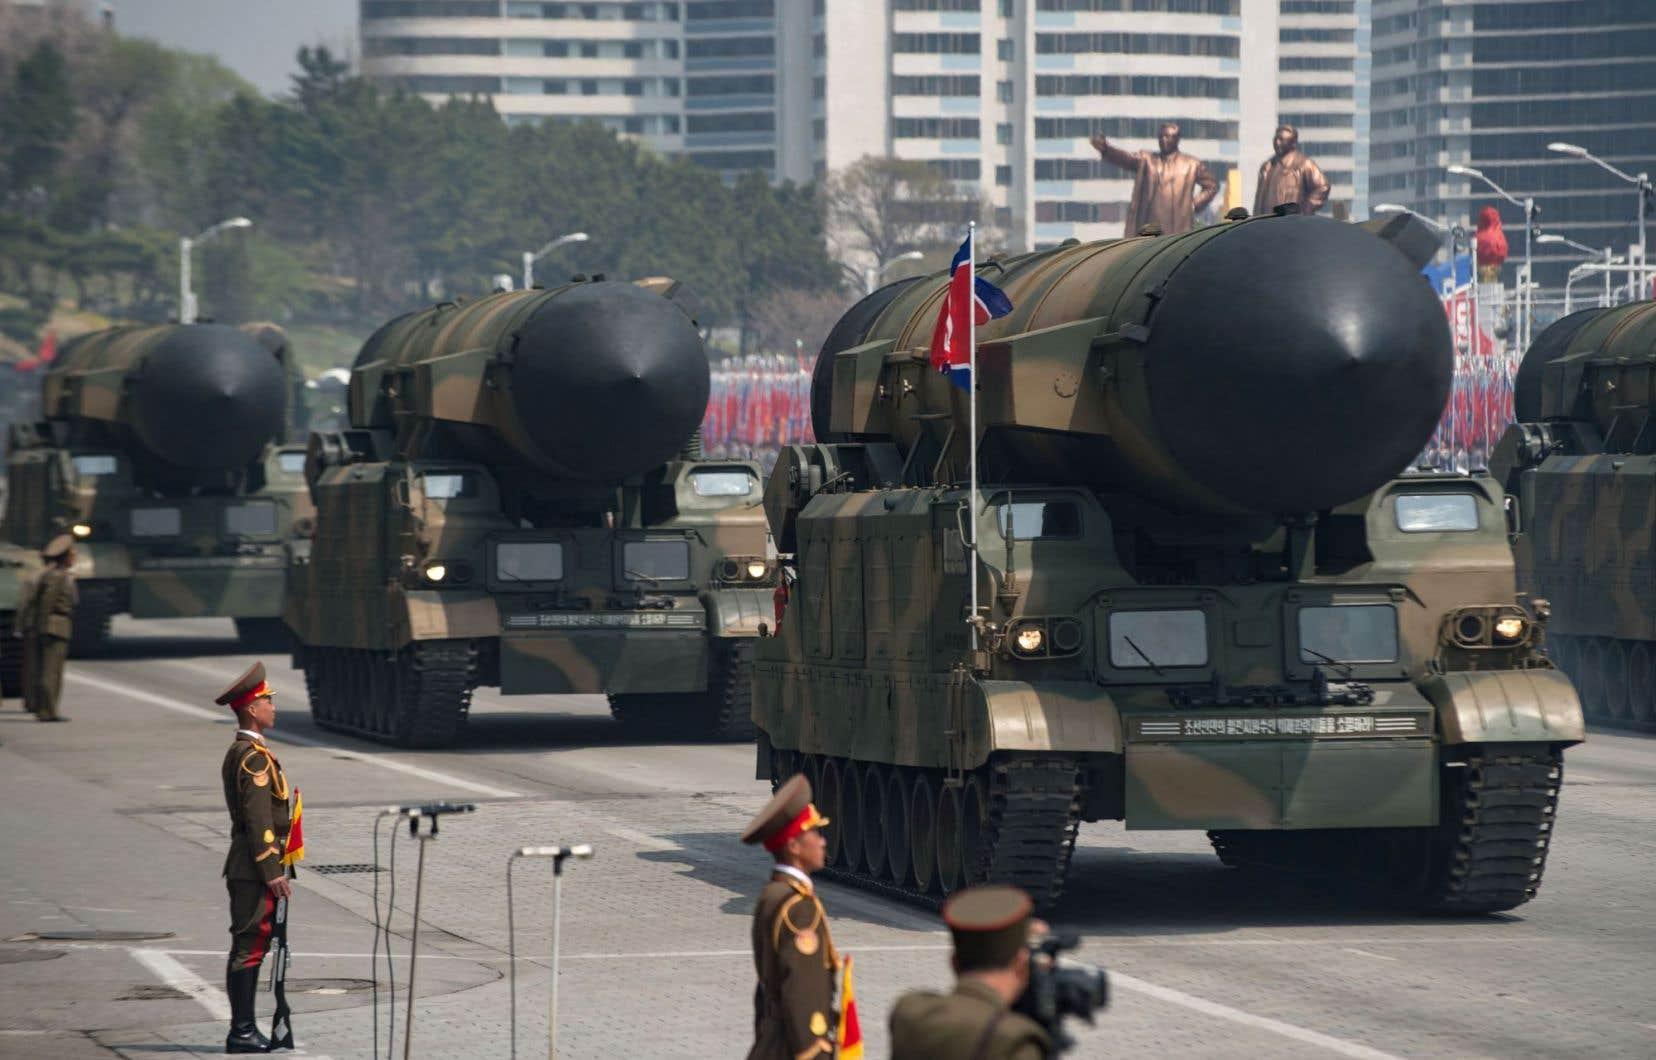 Selon des spécialistes militaires, certains des missiles présentés samedi pourraient être de nouveaux missiles balistiques intercontinentaux.